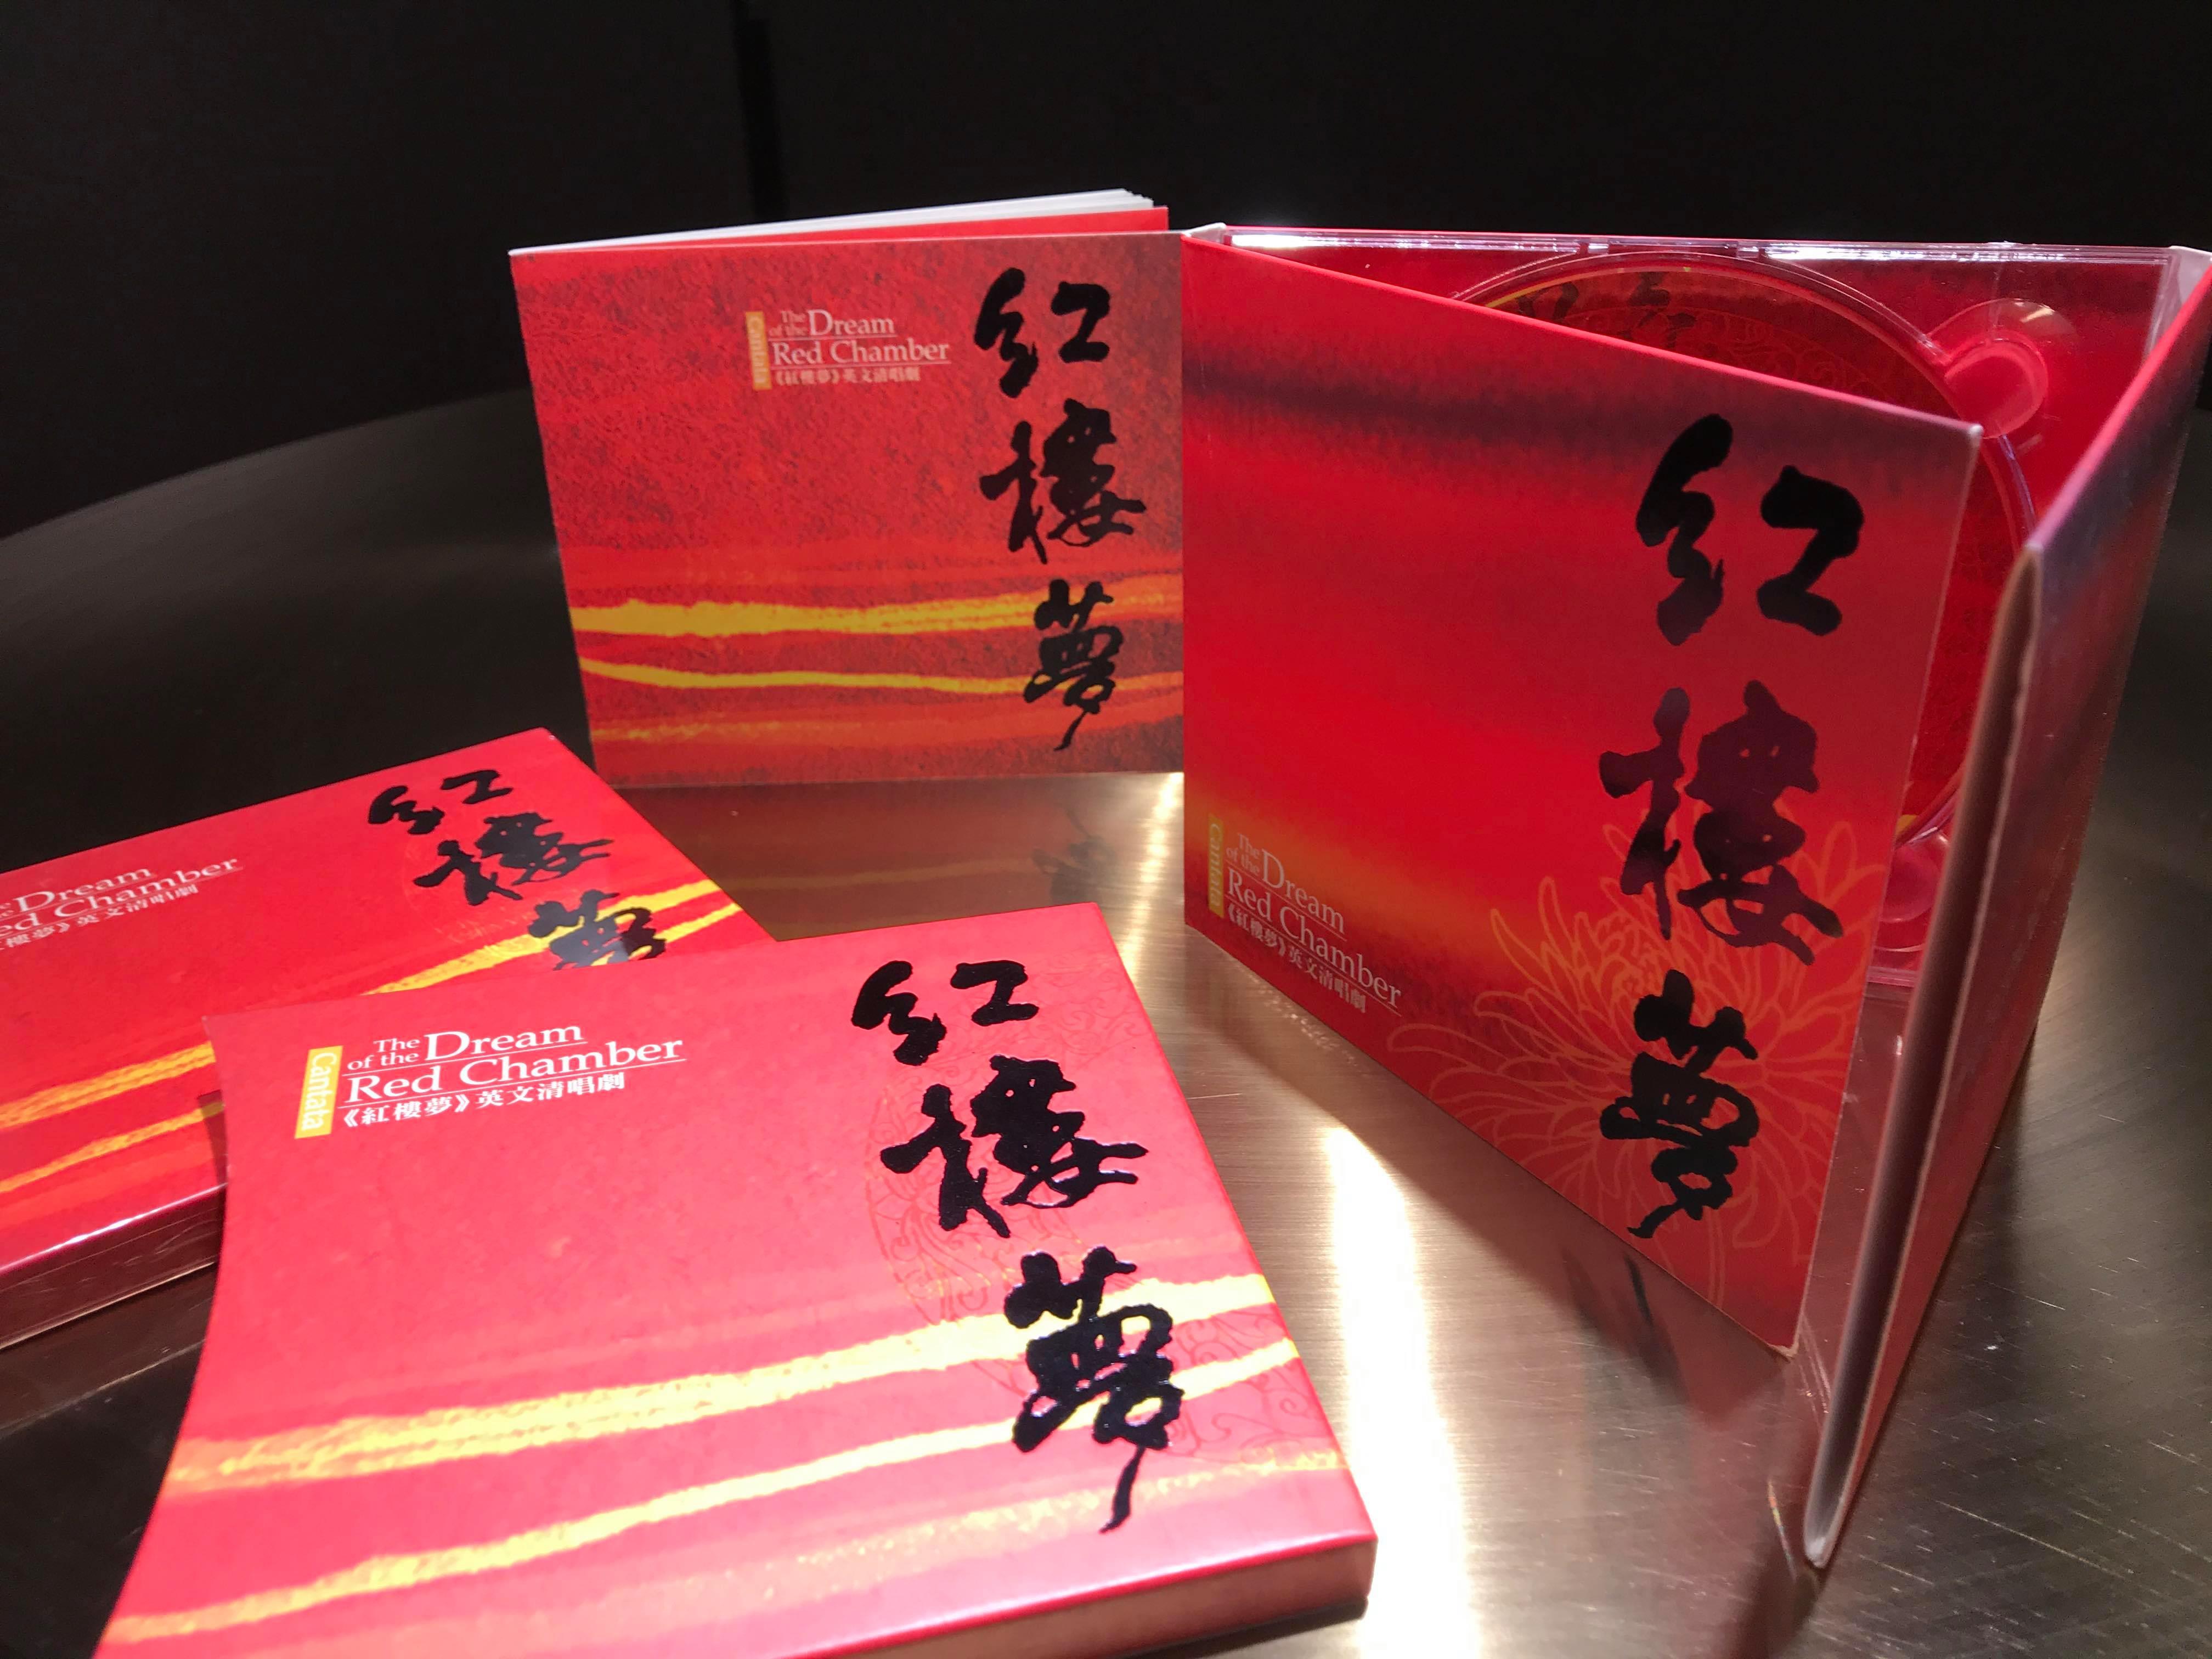 【音樂相關商品】台大合唱團《紅樓夢》CD  指揮|連芳貝 曲|劉新誠 詞|陳煒智